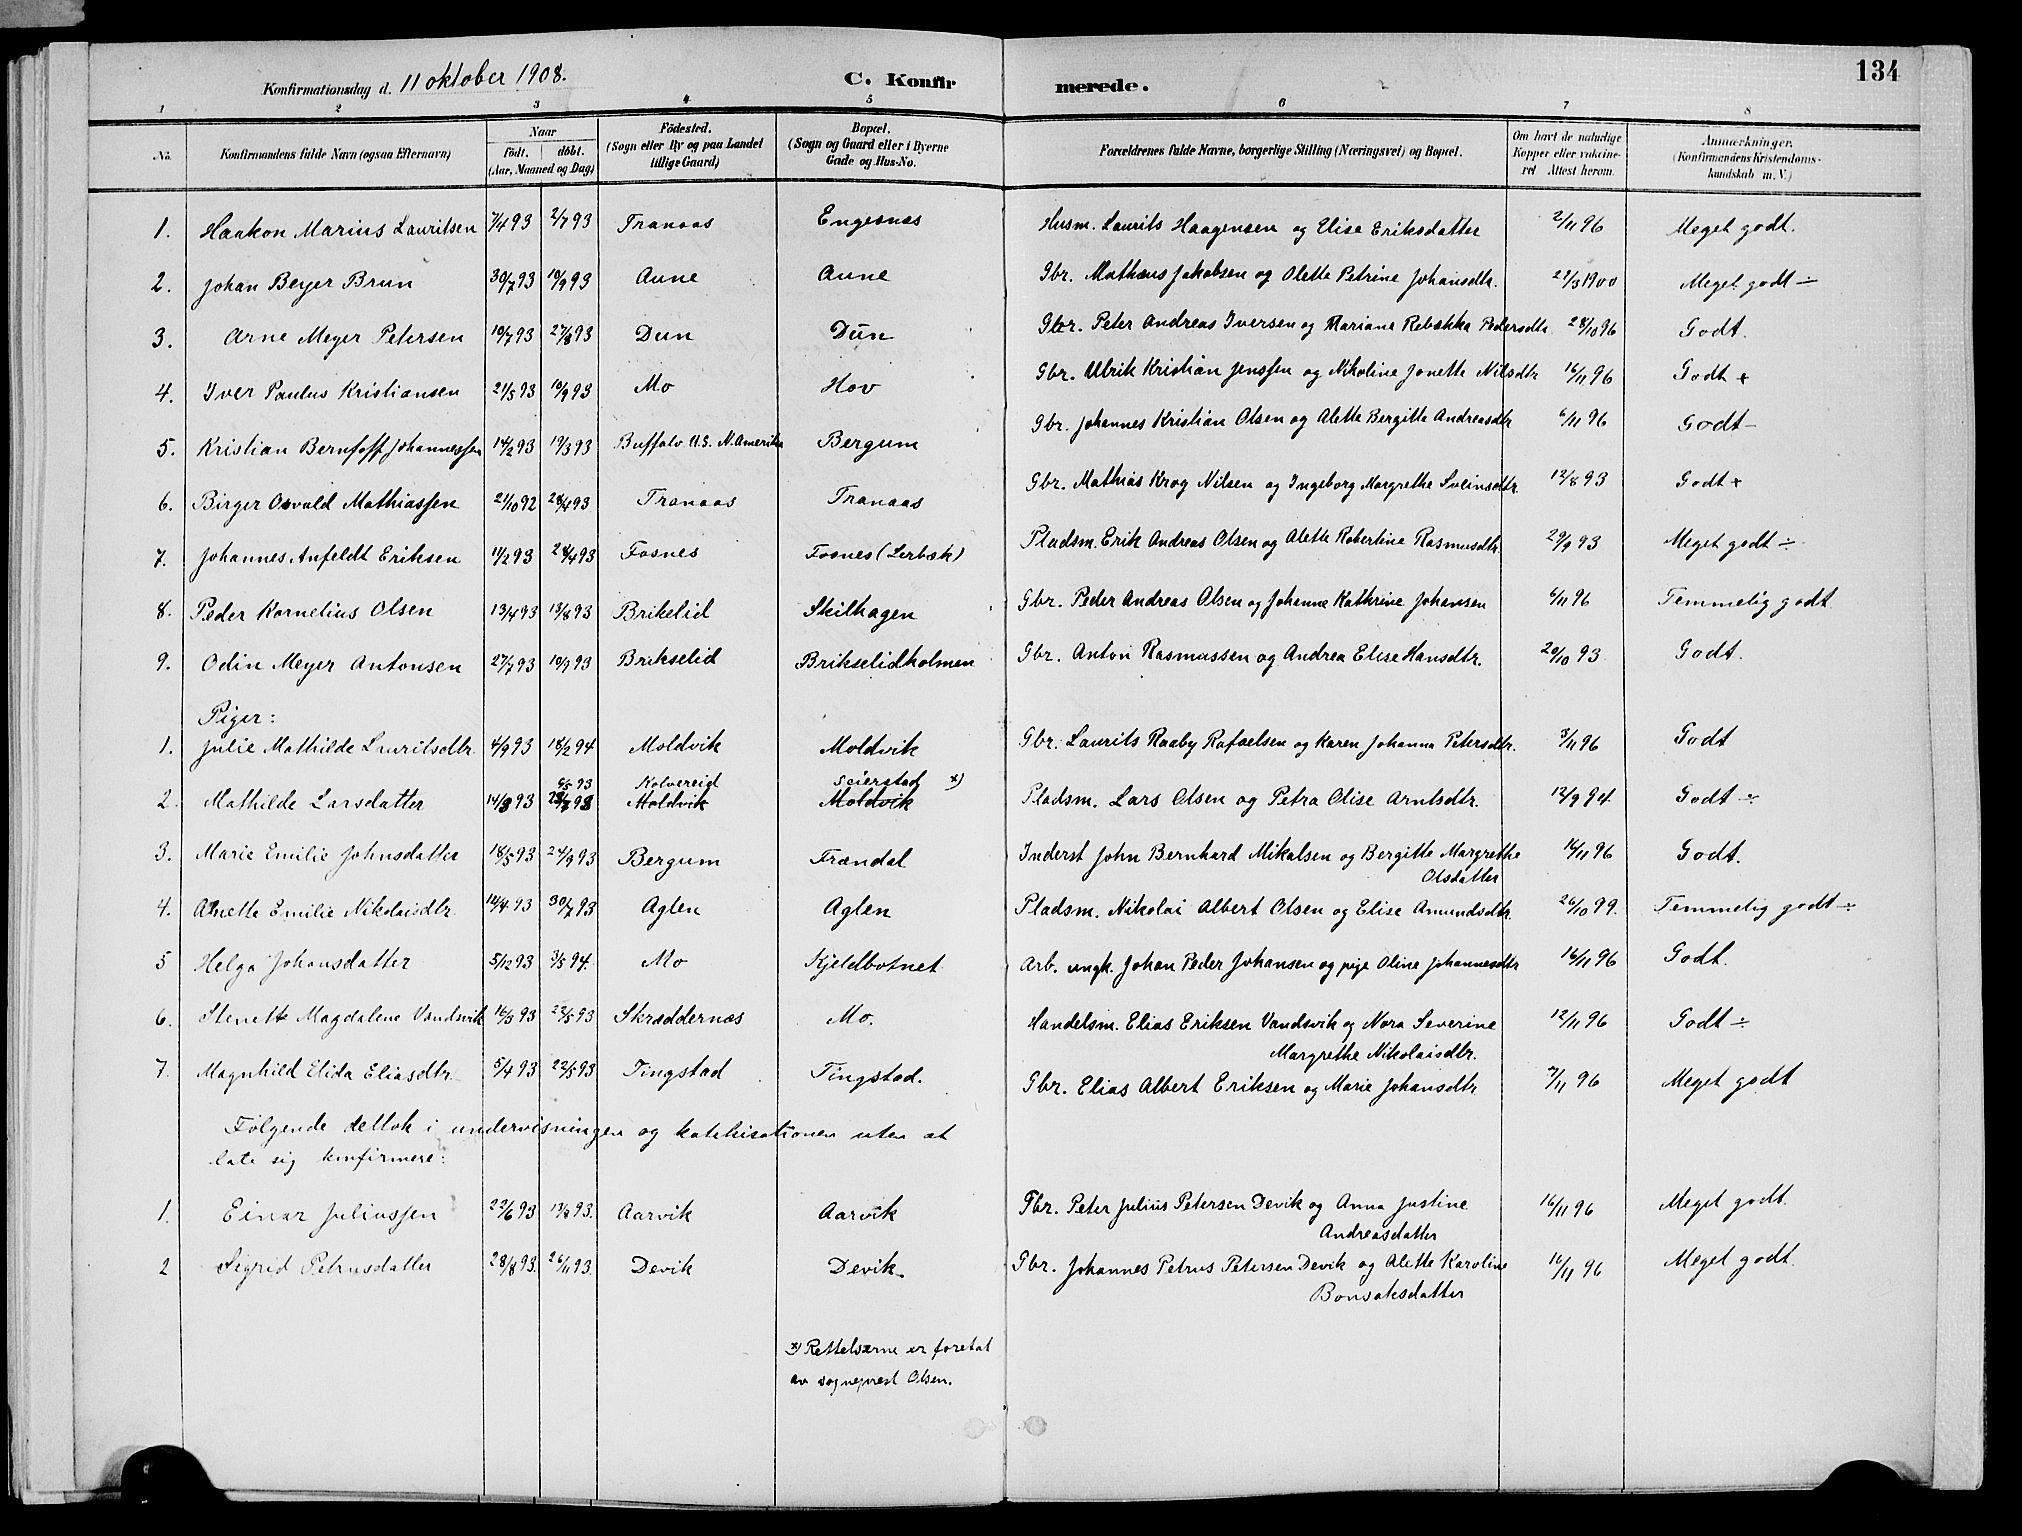 SAT, Ministerialprotokoller, klokkerbøker og fødselsregistre - Nord-Trøndelag, 773/L0617: Ministerialbok nr. 773A08, 1887-1910, s. 134